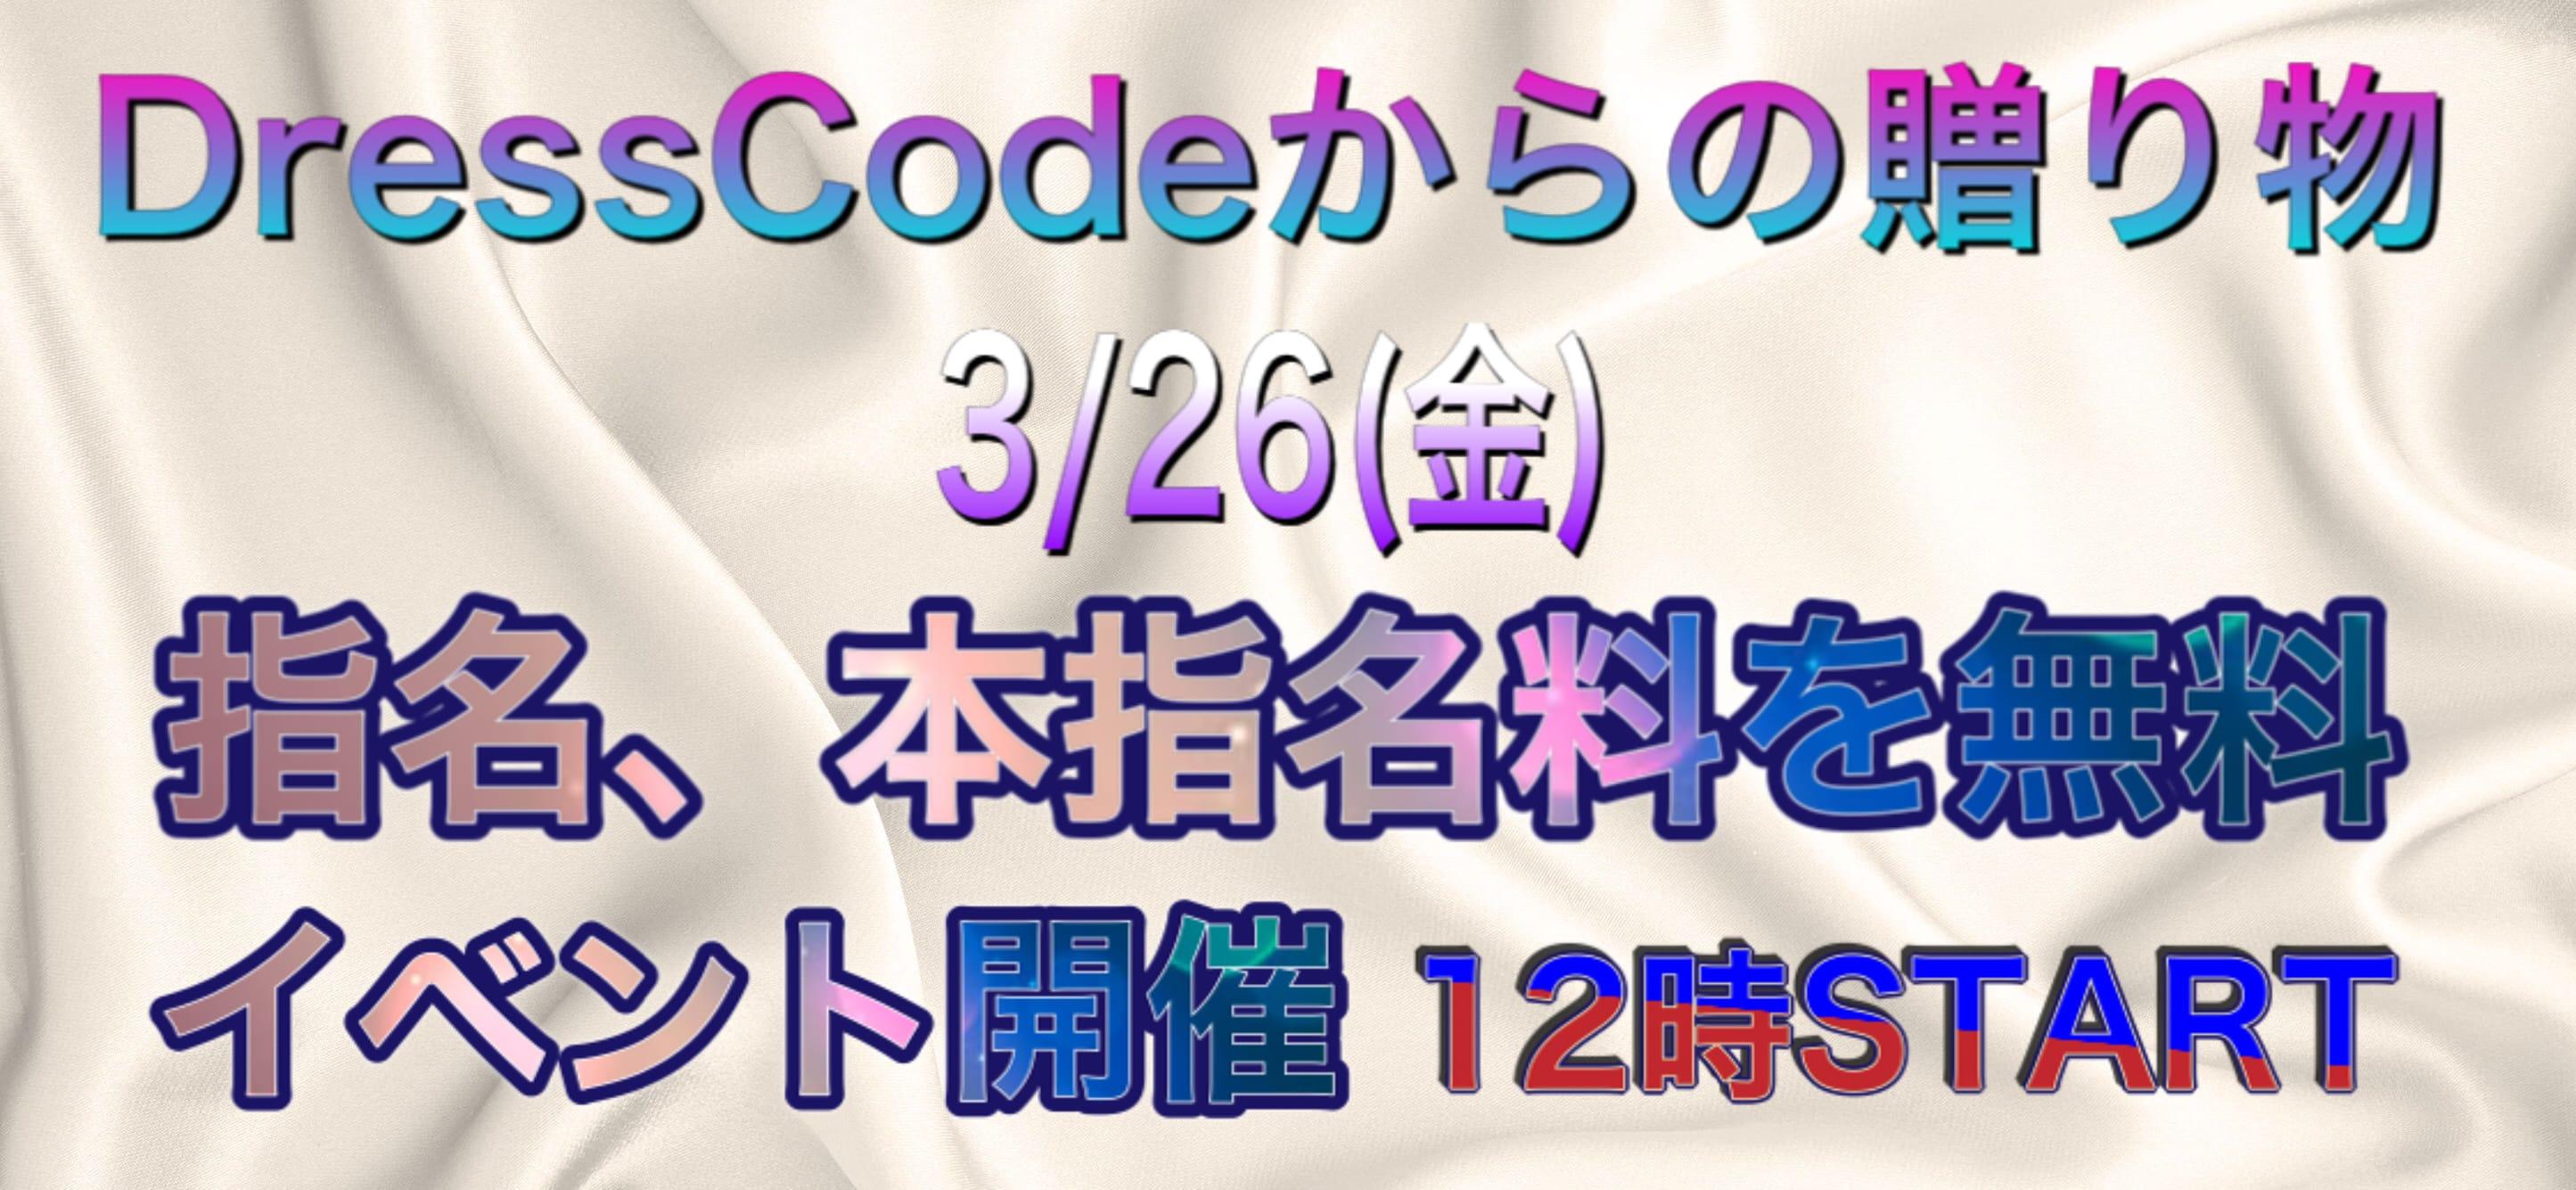 「ドレスコードからの贈り物」03/26(金) 00:01   ドレスコードの写メ日記